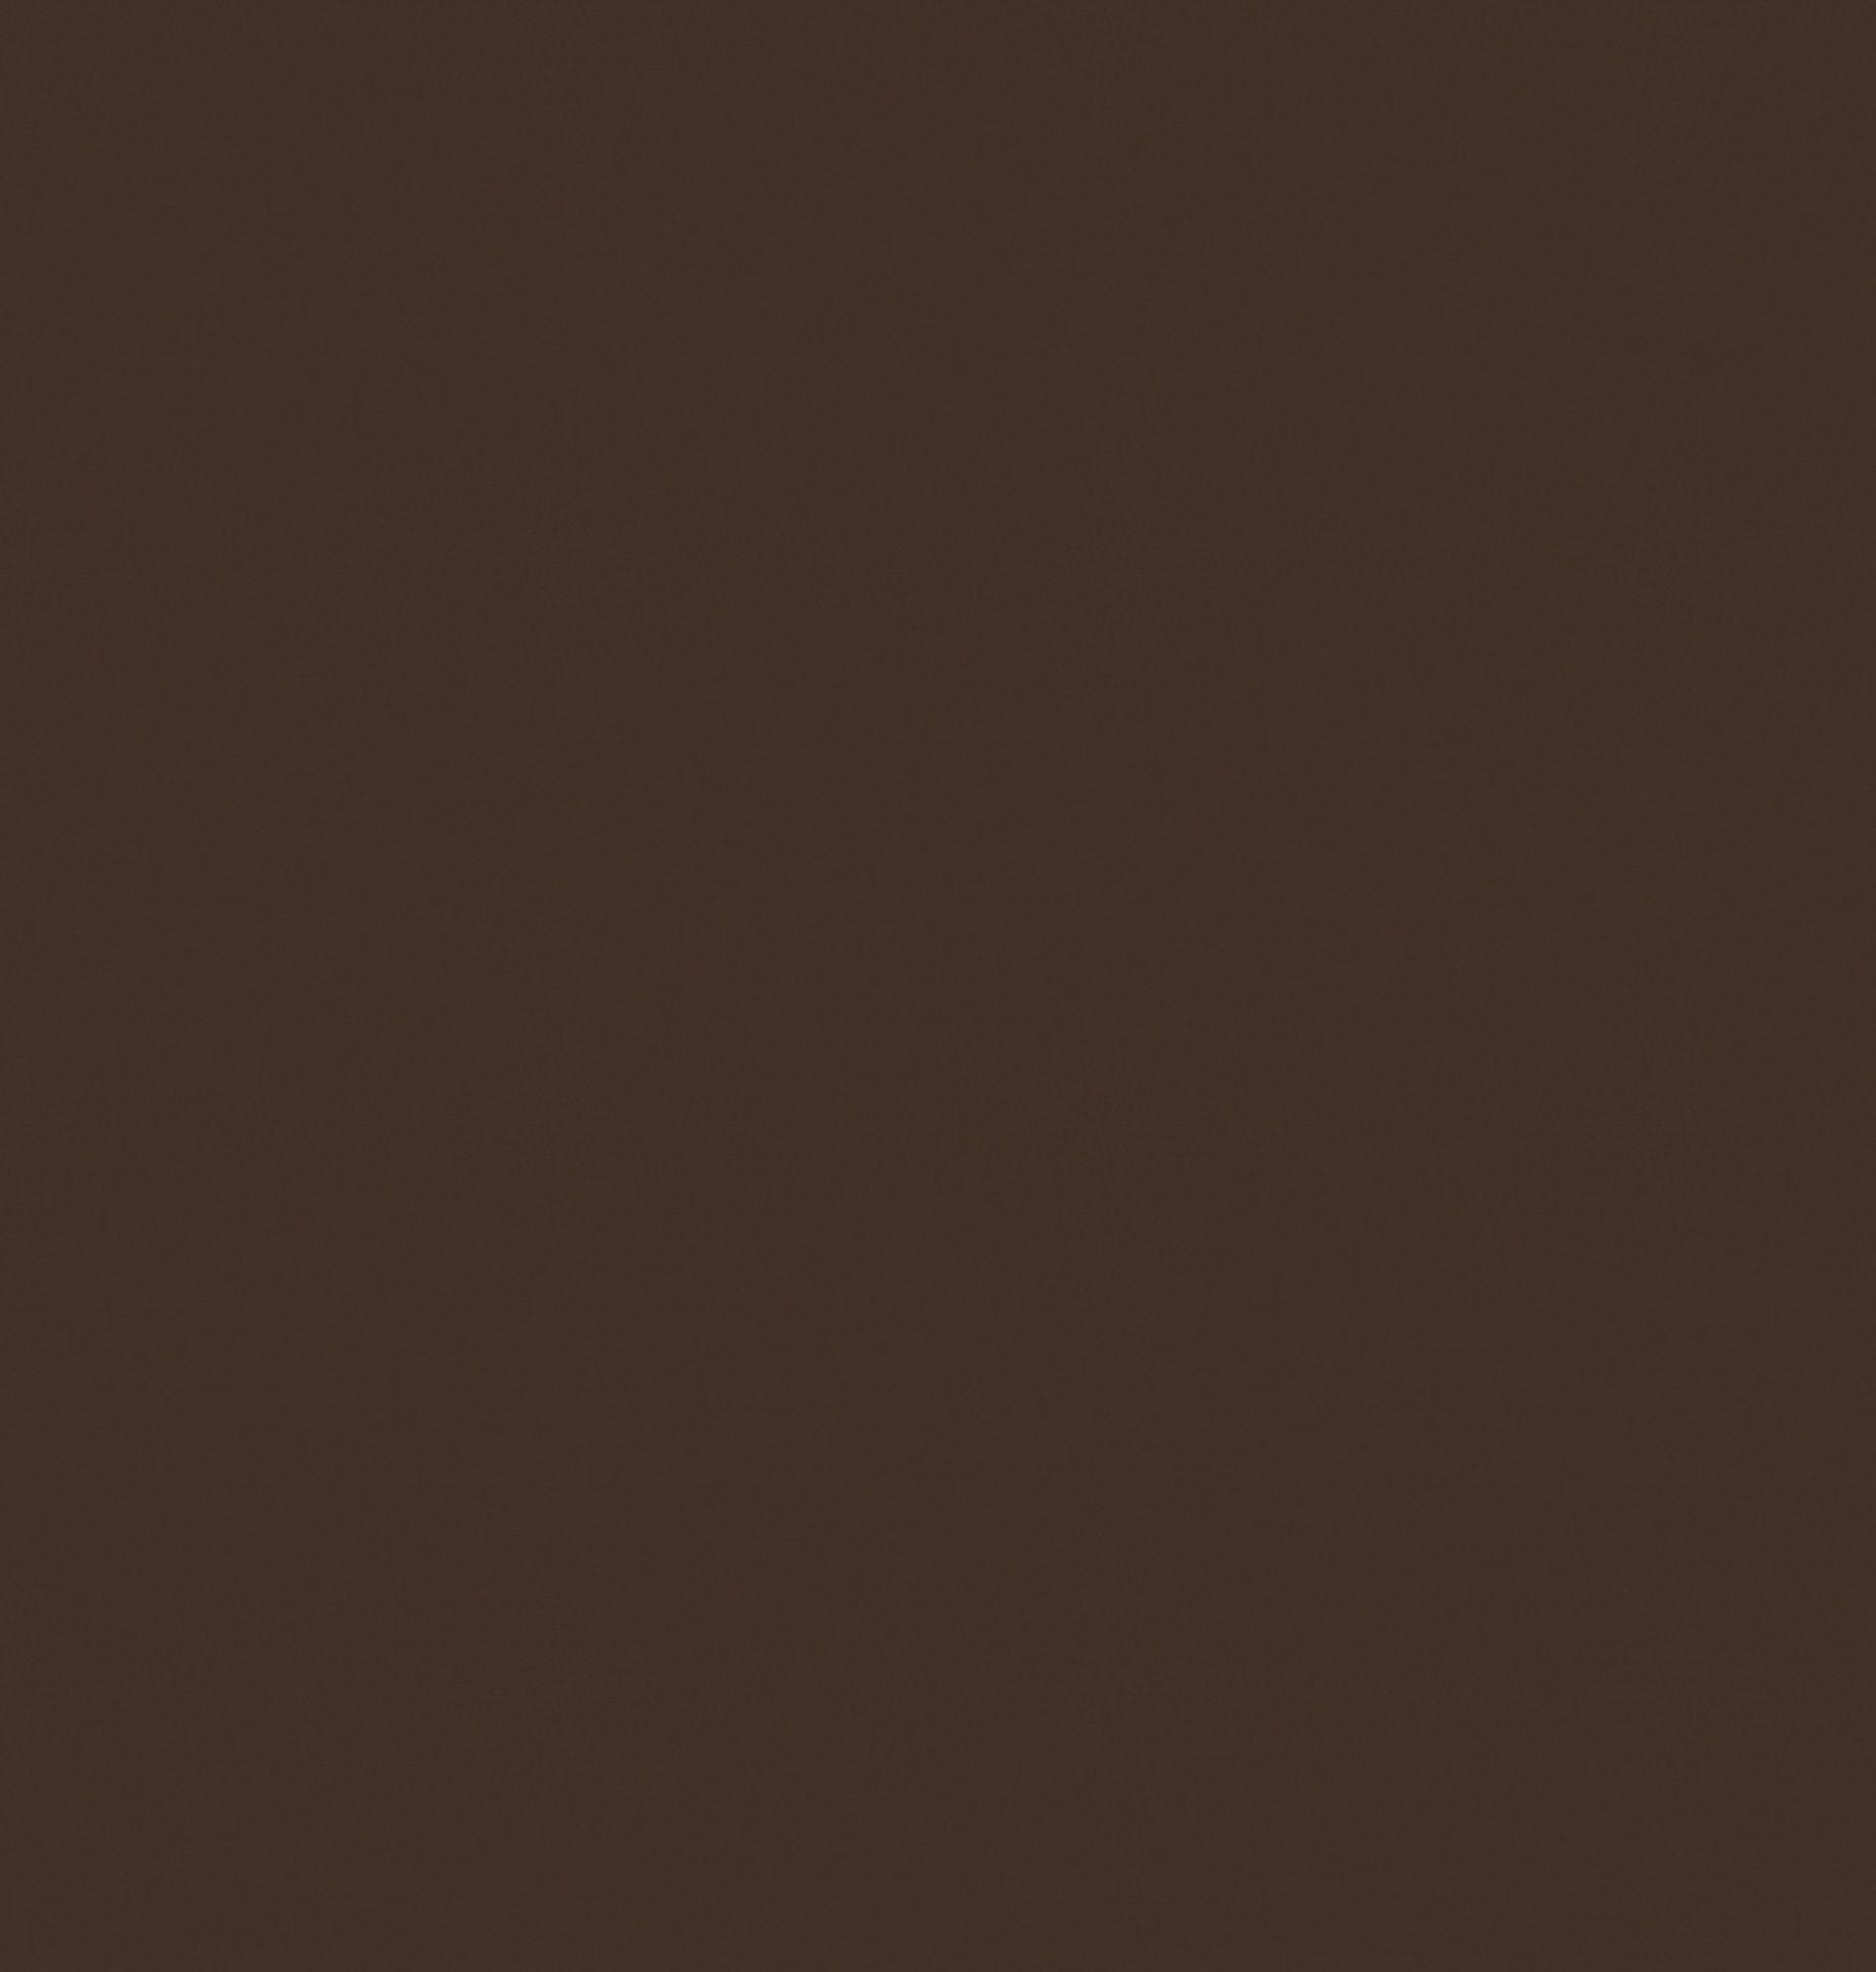 Tecido tricoline liso dohler 100% algodão marrom